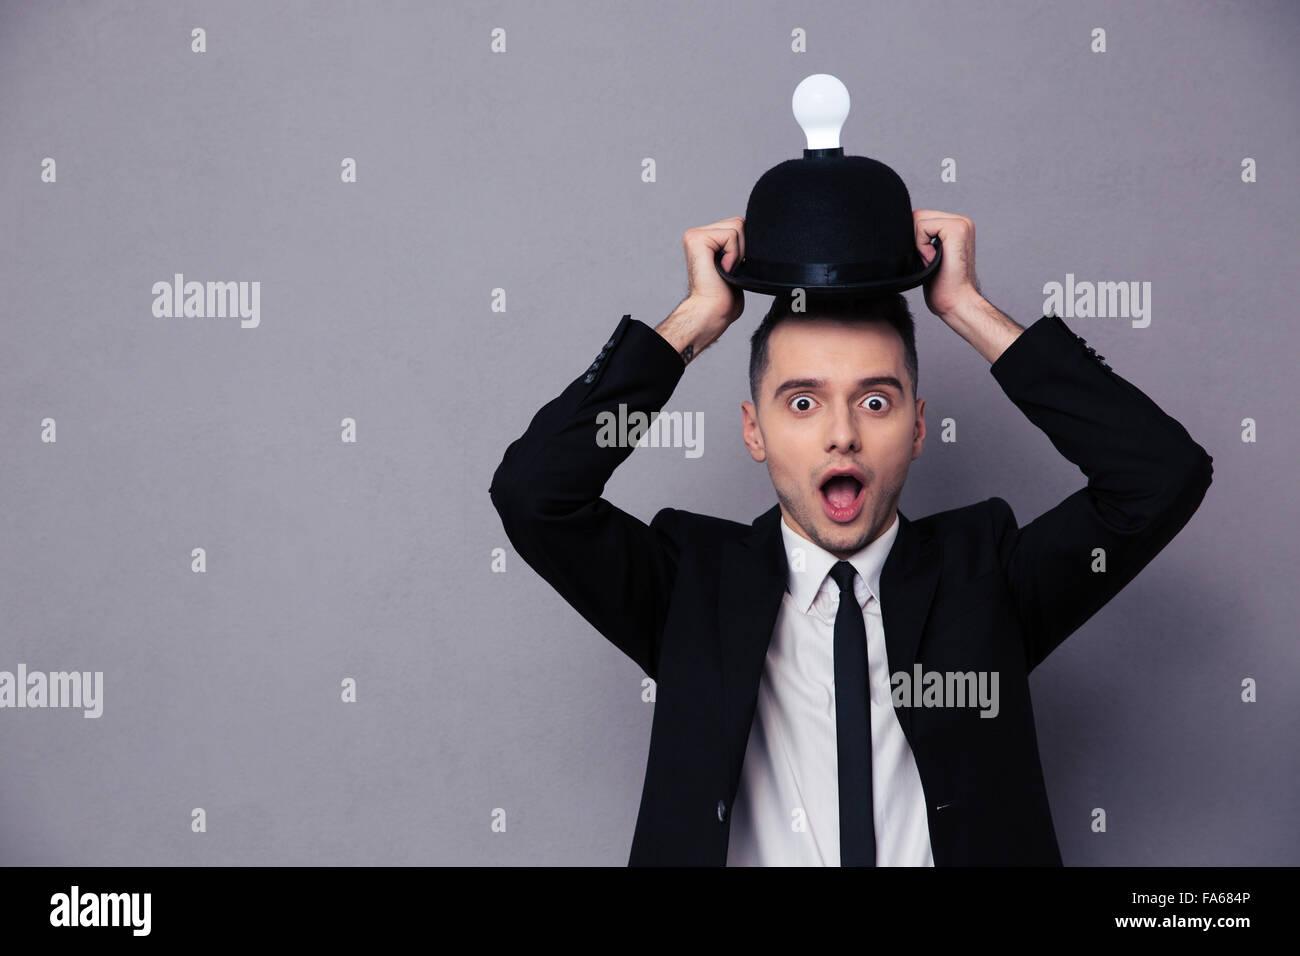 Concetto foto di un imprenditore avente una idea su sfondo grigio Immagini Stock